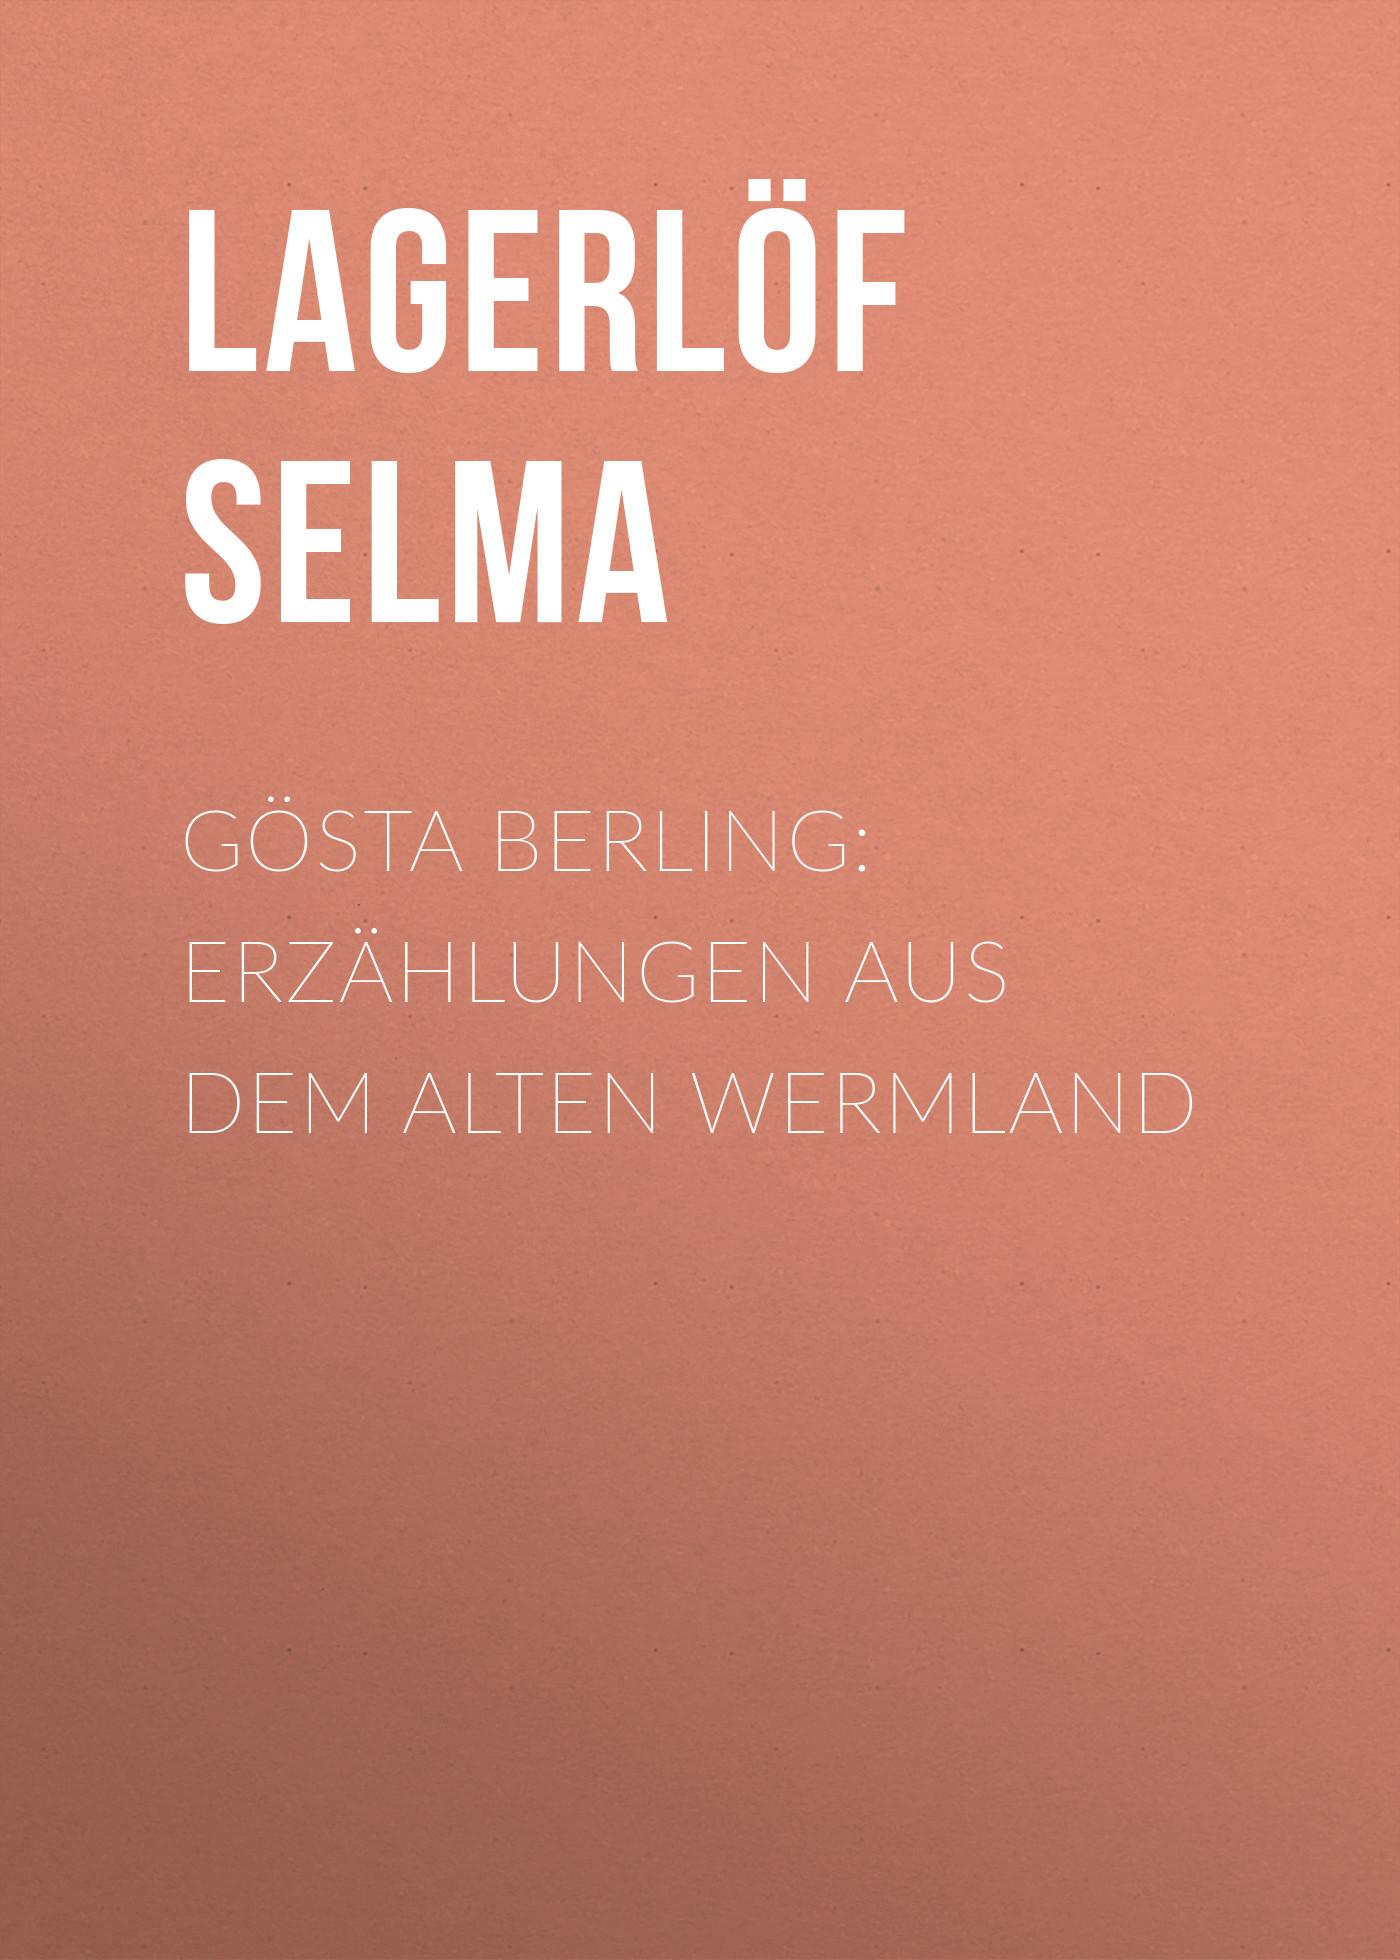 все цены на Lagerlöf Selma Gösta Berling: Erzählungen aus dem alten Wermland онлайн